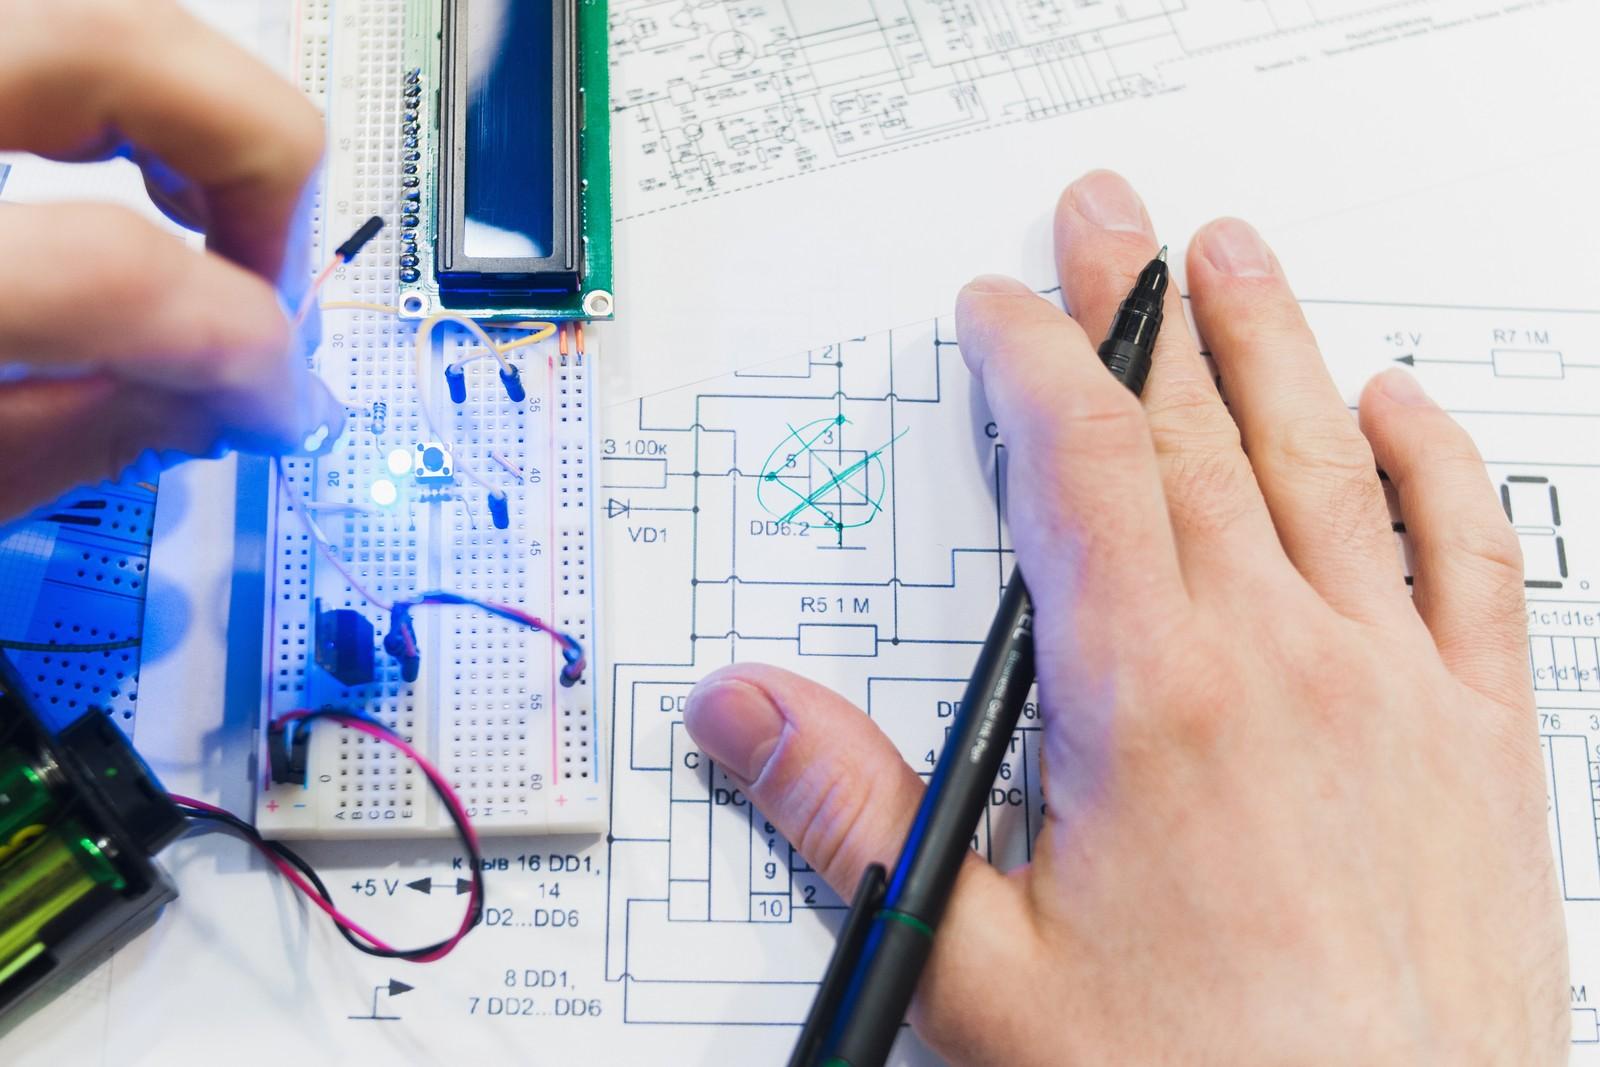 Um mit Partnern eine erfolgreiche IoT-Entwicklung zu realisieren, empfiehlt Patrick Nitschke Unternehmen, sich zuerst mit der Materie zu beschäftigen und selbst einen Prototypen zu bauen.